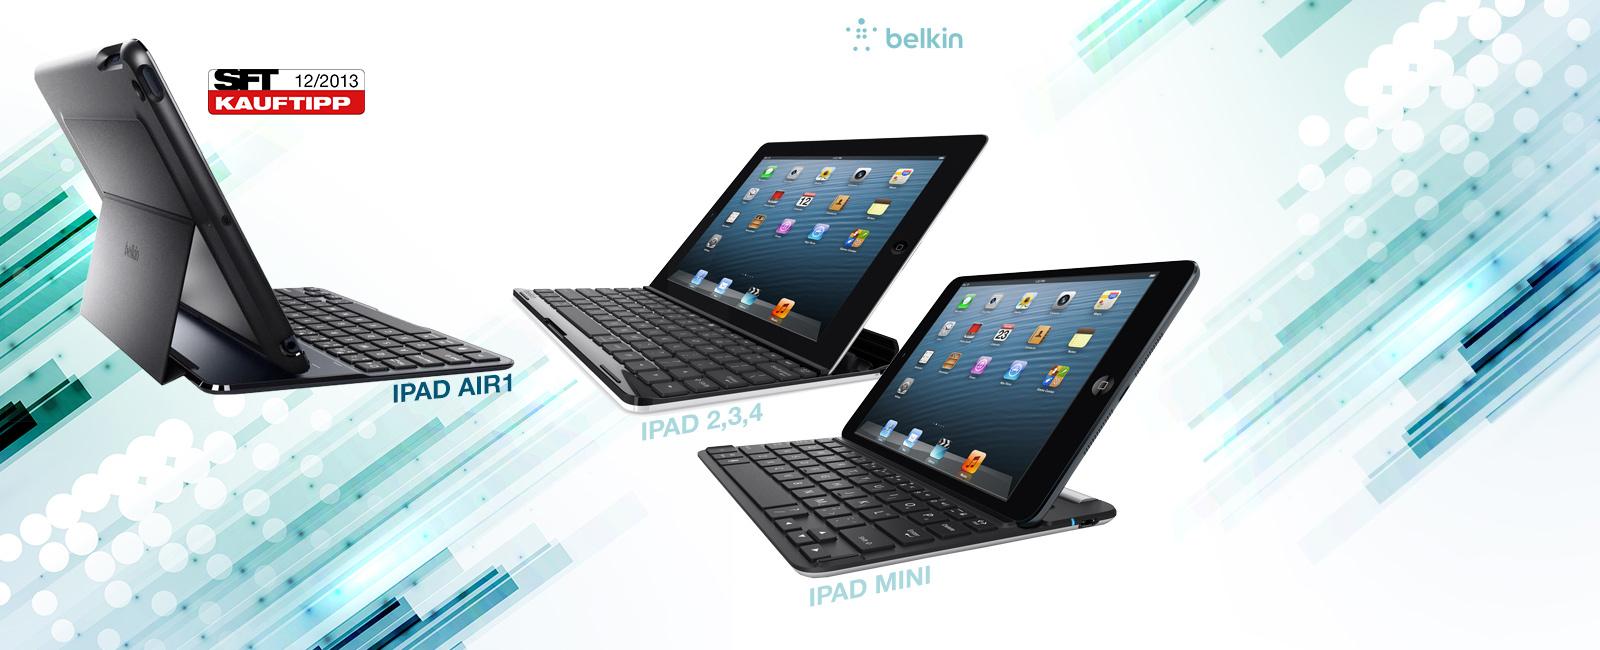 Comment puis-je brancher mon clavier Belkin à mon iPad